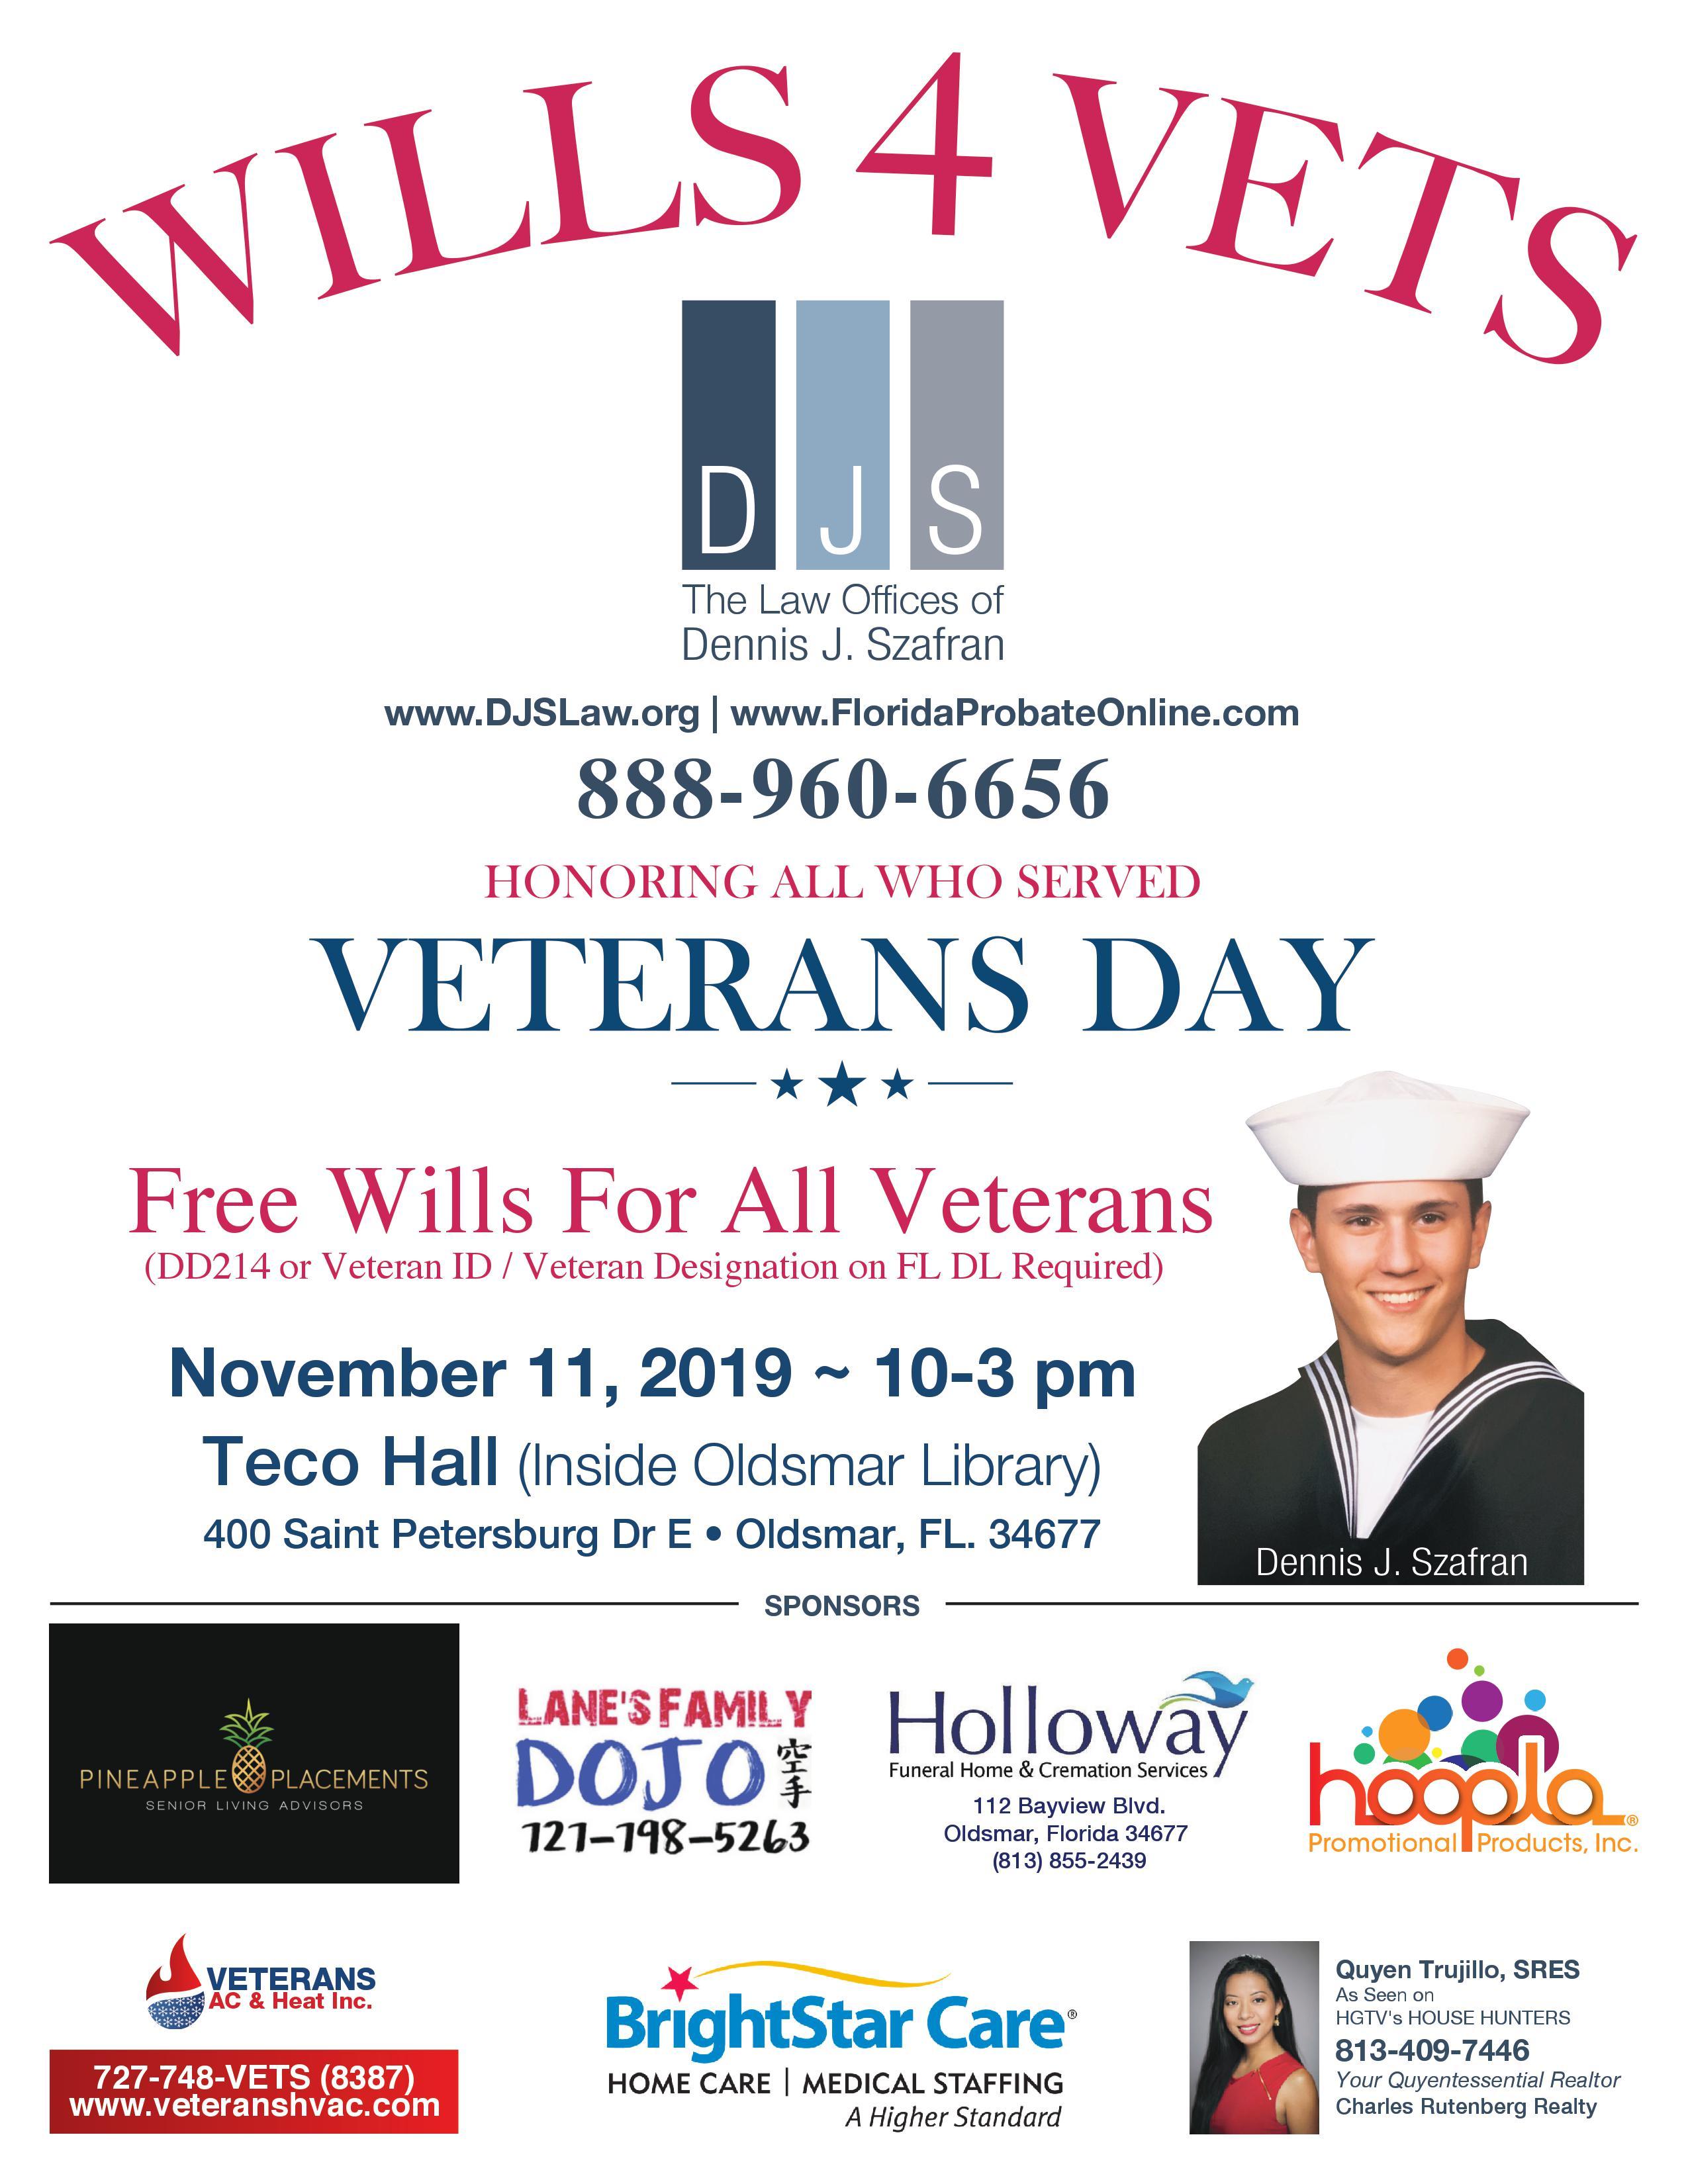 Wills For Veterans Event November 11, 2019